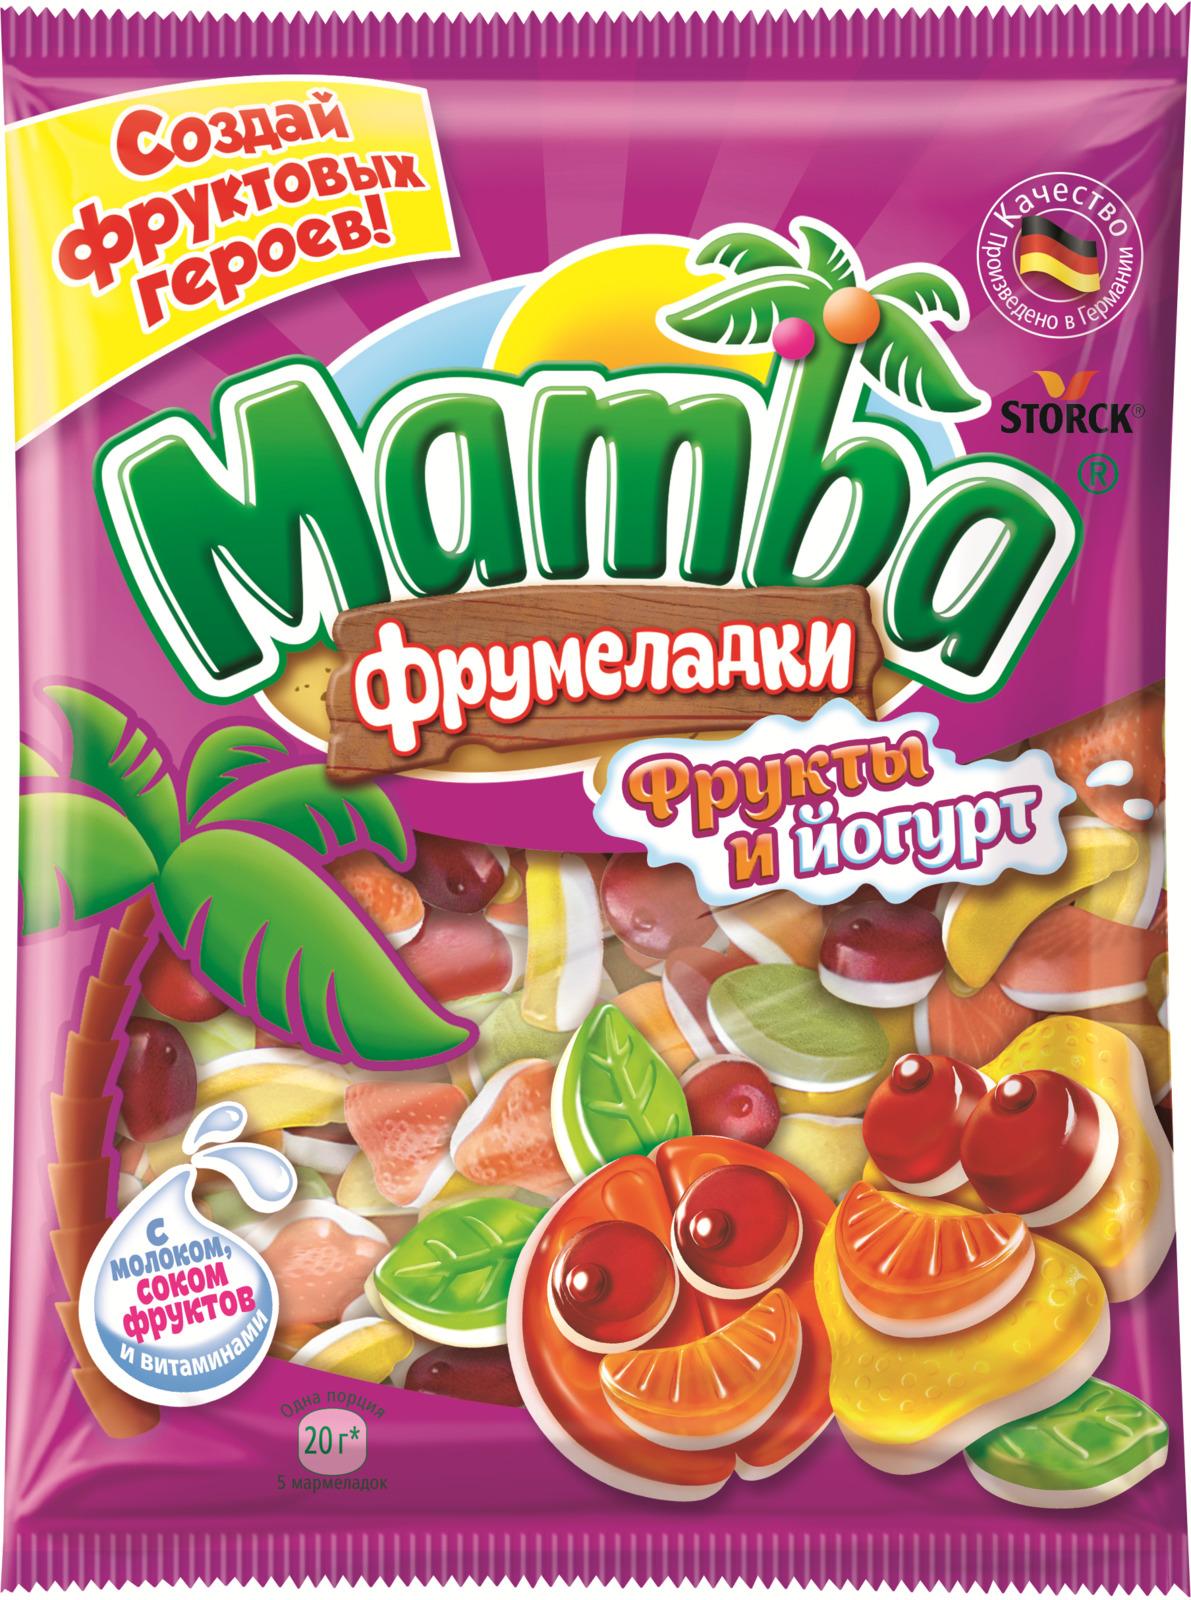 Мармелад жевательный Mamba Фрукты йогурт, 140 г жевательный мармелад mamba фруктовый микс 24 шт х 72 г